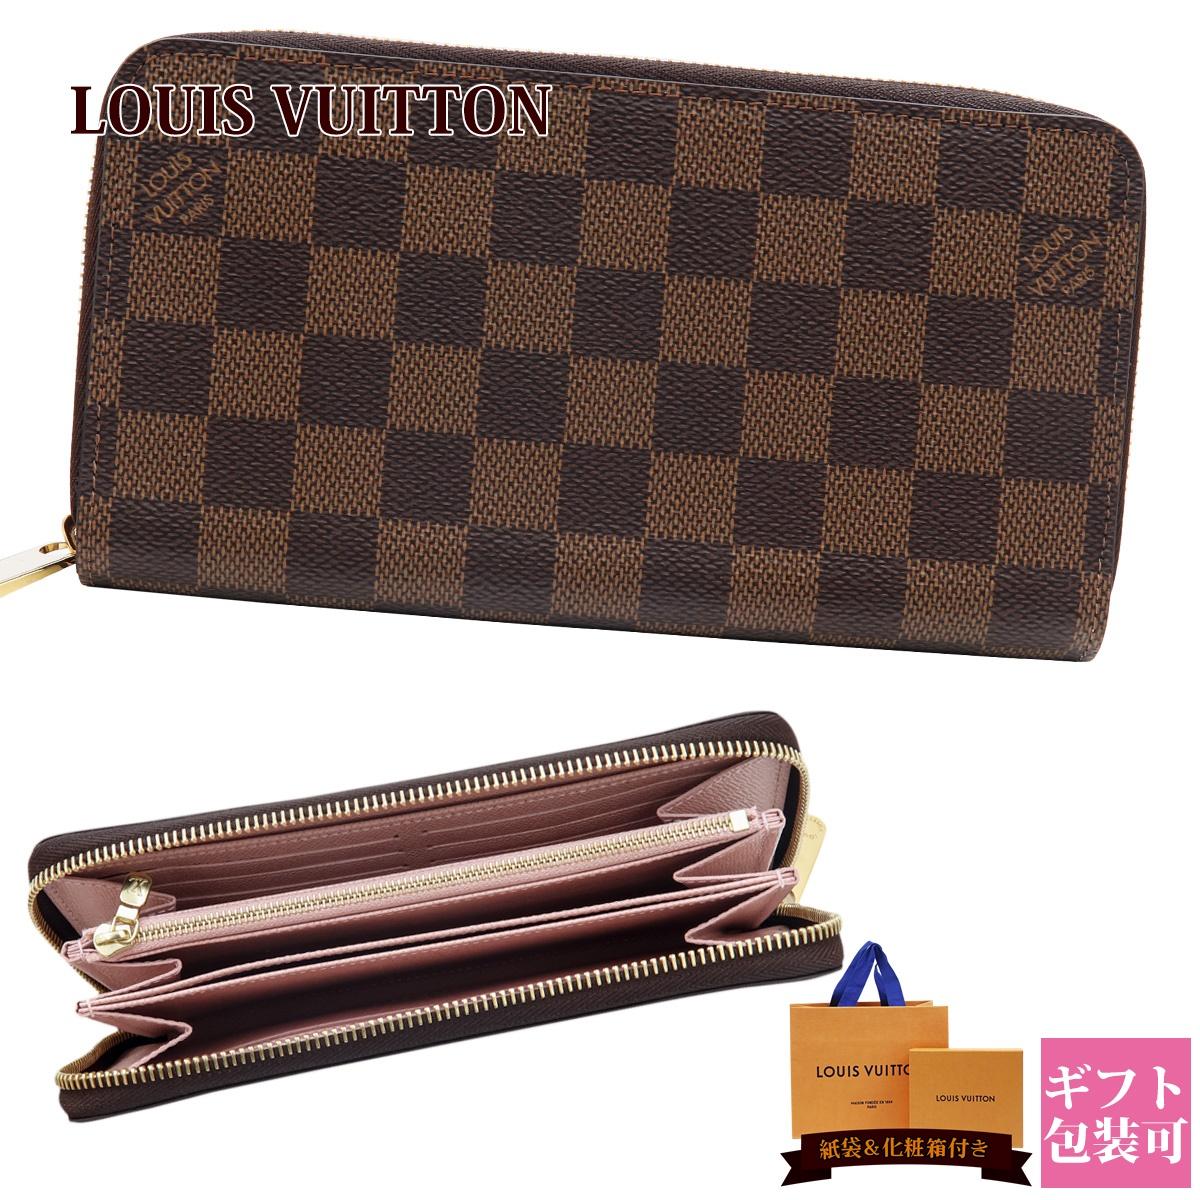 ルイヴィトン 財布 長財布 新品 LOUIS VUITTON レディース ラウンドファスナー ジッピー・ウォレット ダミエ・エベヌ/ローズ・バレリーヌ N60046ブランド 新作 2018年